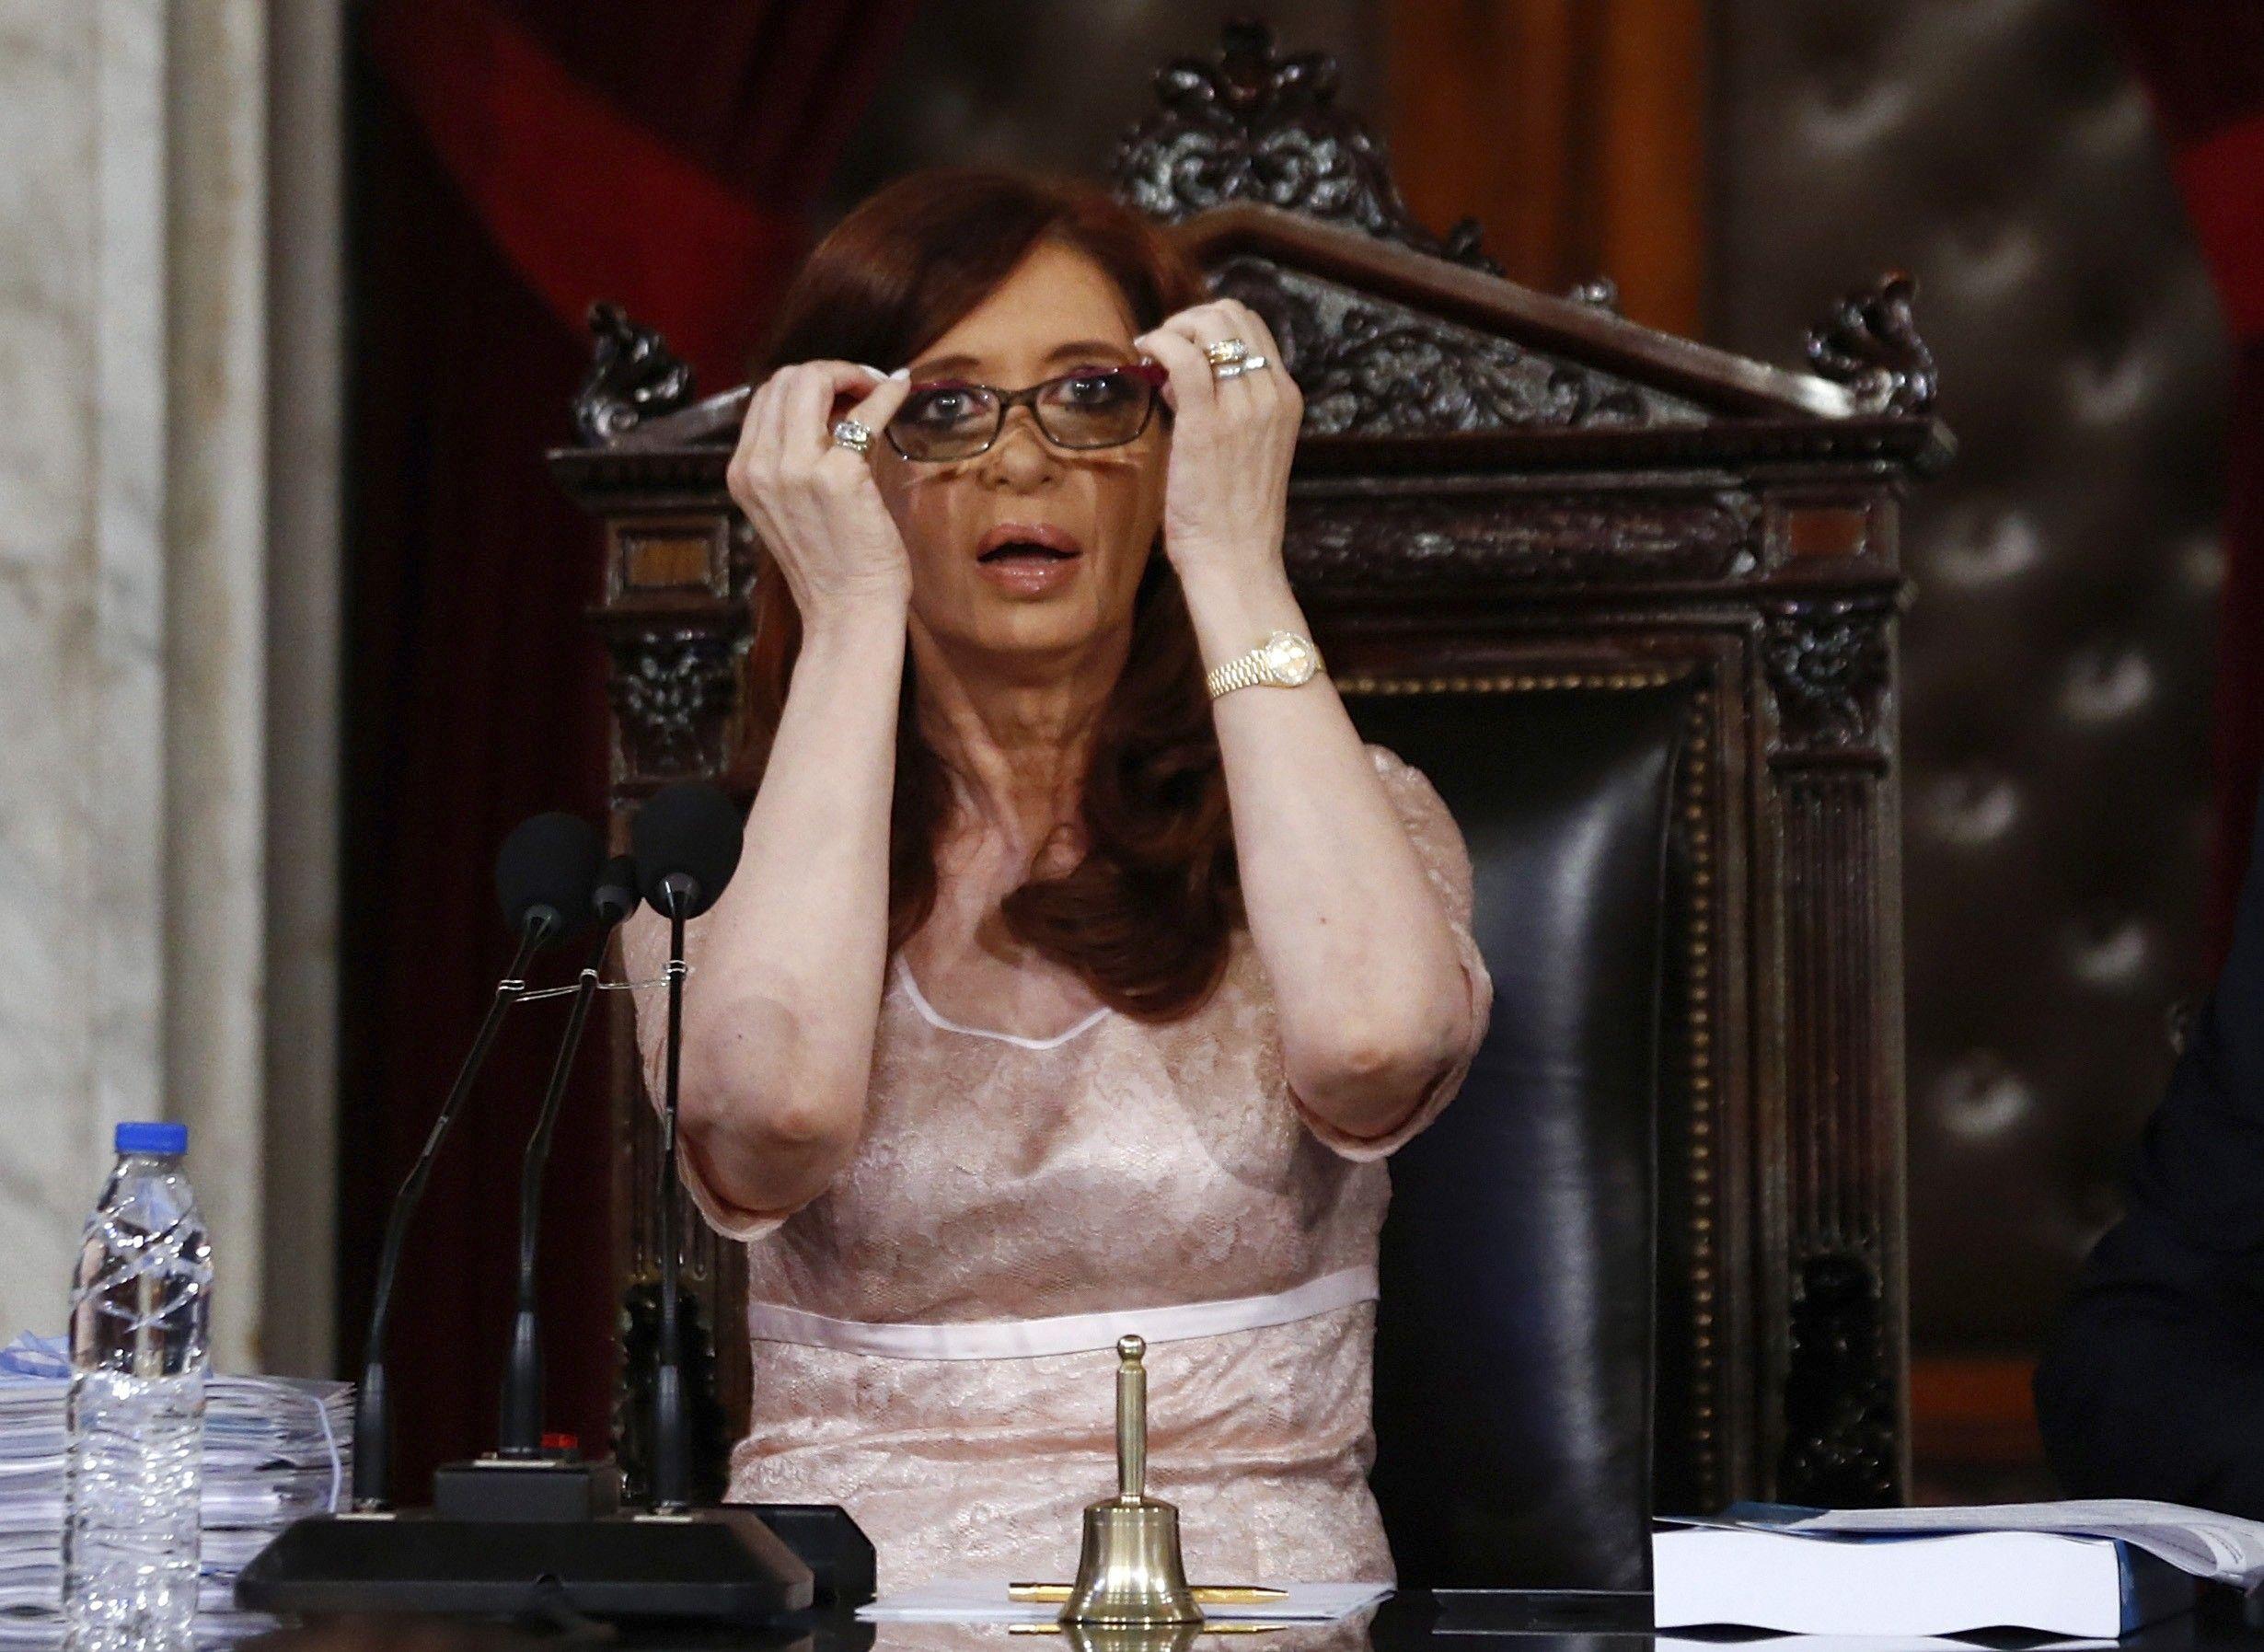 El juez Ariel Lijo rechazó por inexistencia de delito la denuncia presentada por el periodista Cristian Sanz.